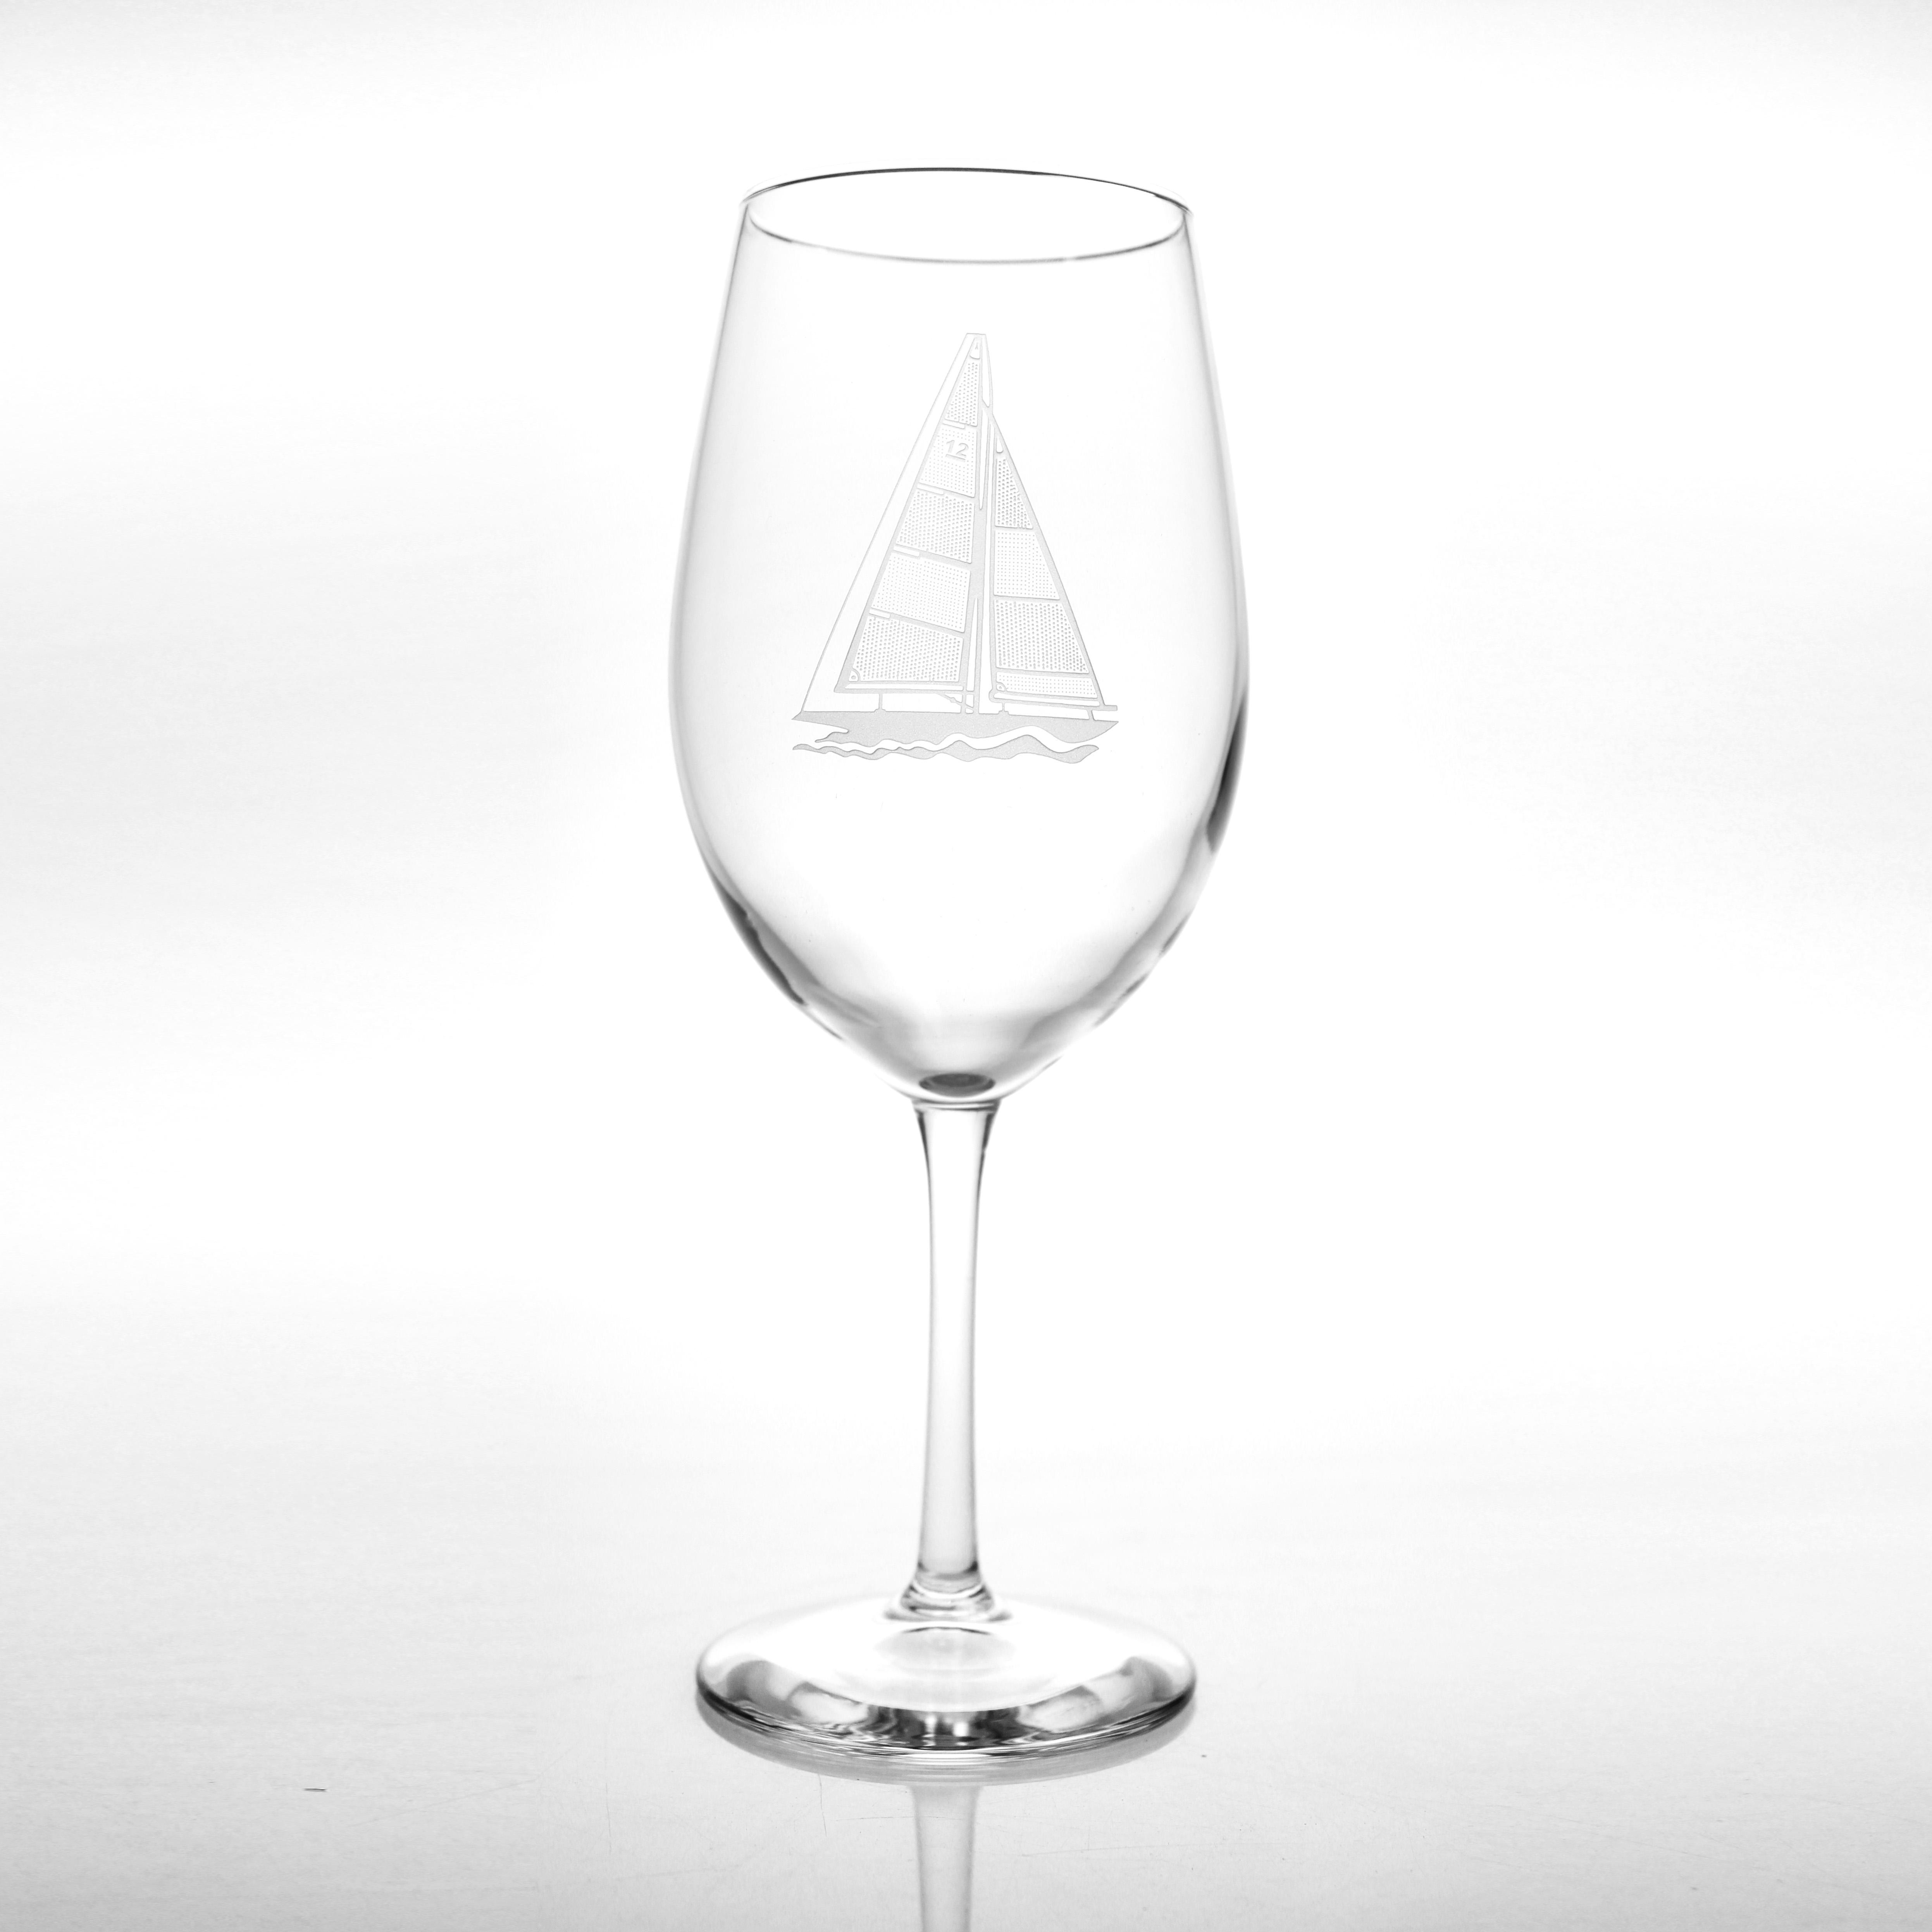 Sailboat White Wine Glasses Set of 4